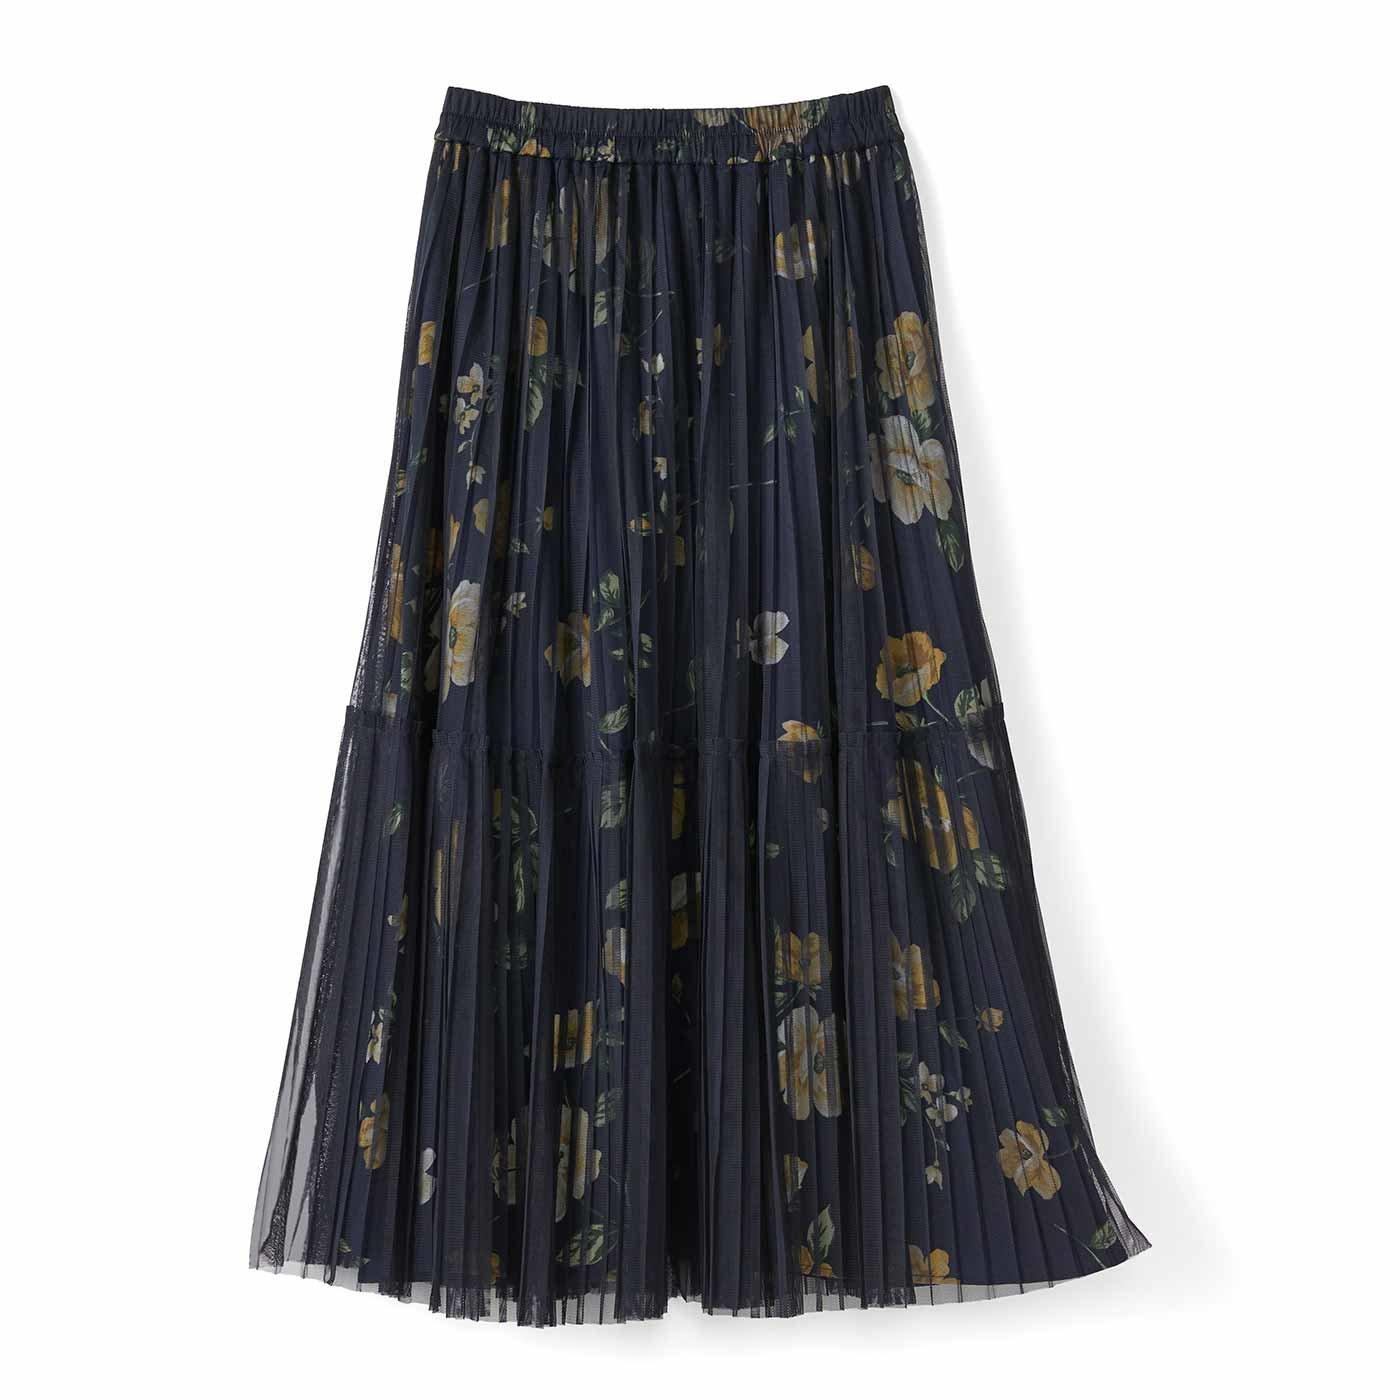 IEDIT[イディット] プリーツチュールを重ねた華やぎプリントスカート〈ネイビー〉